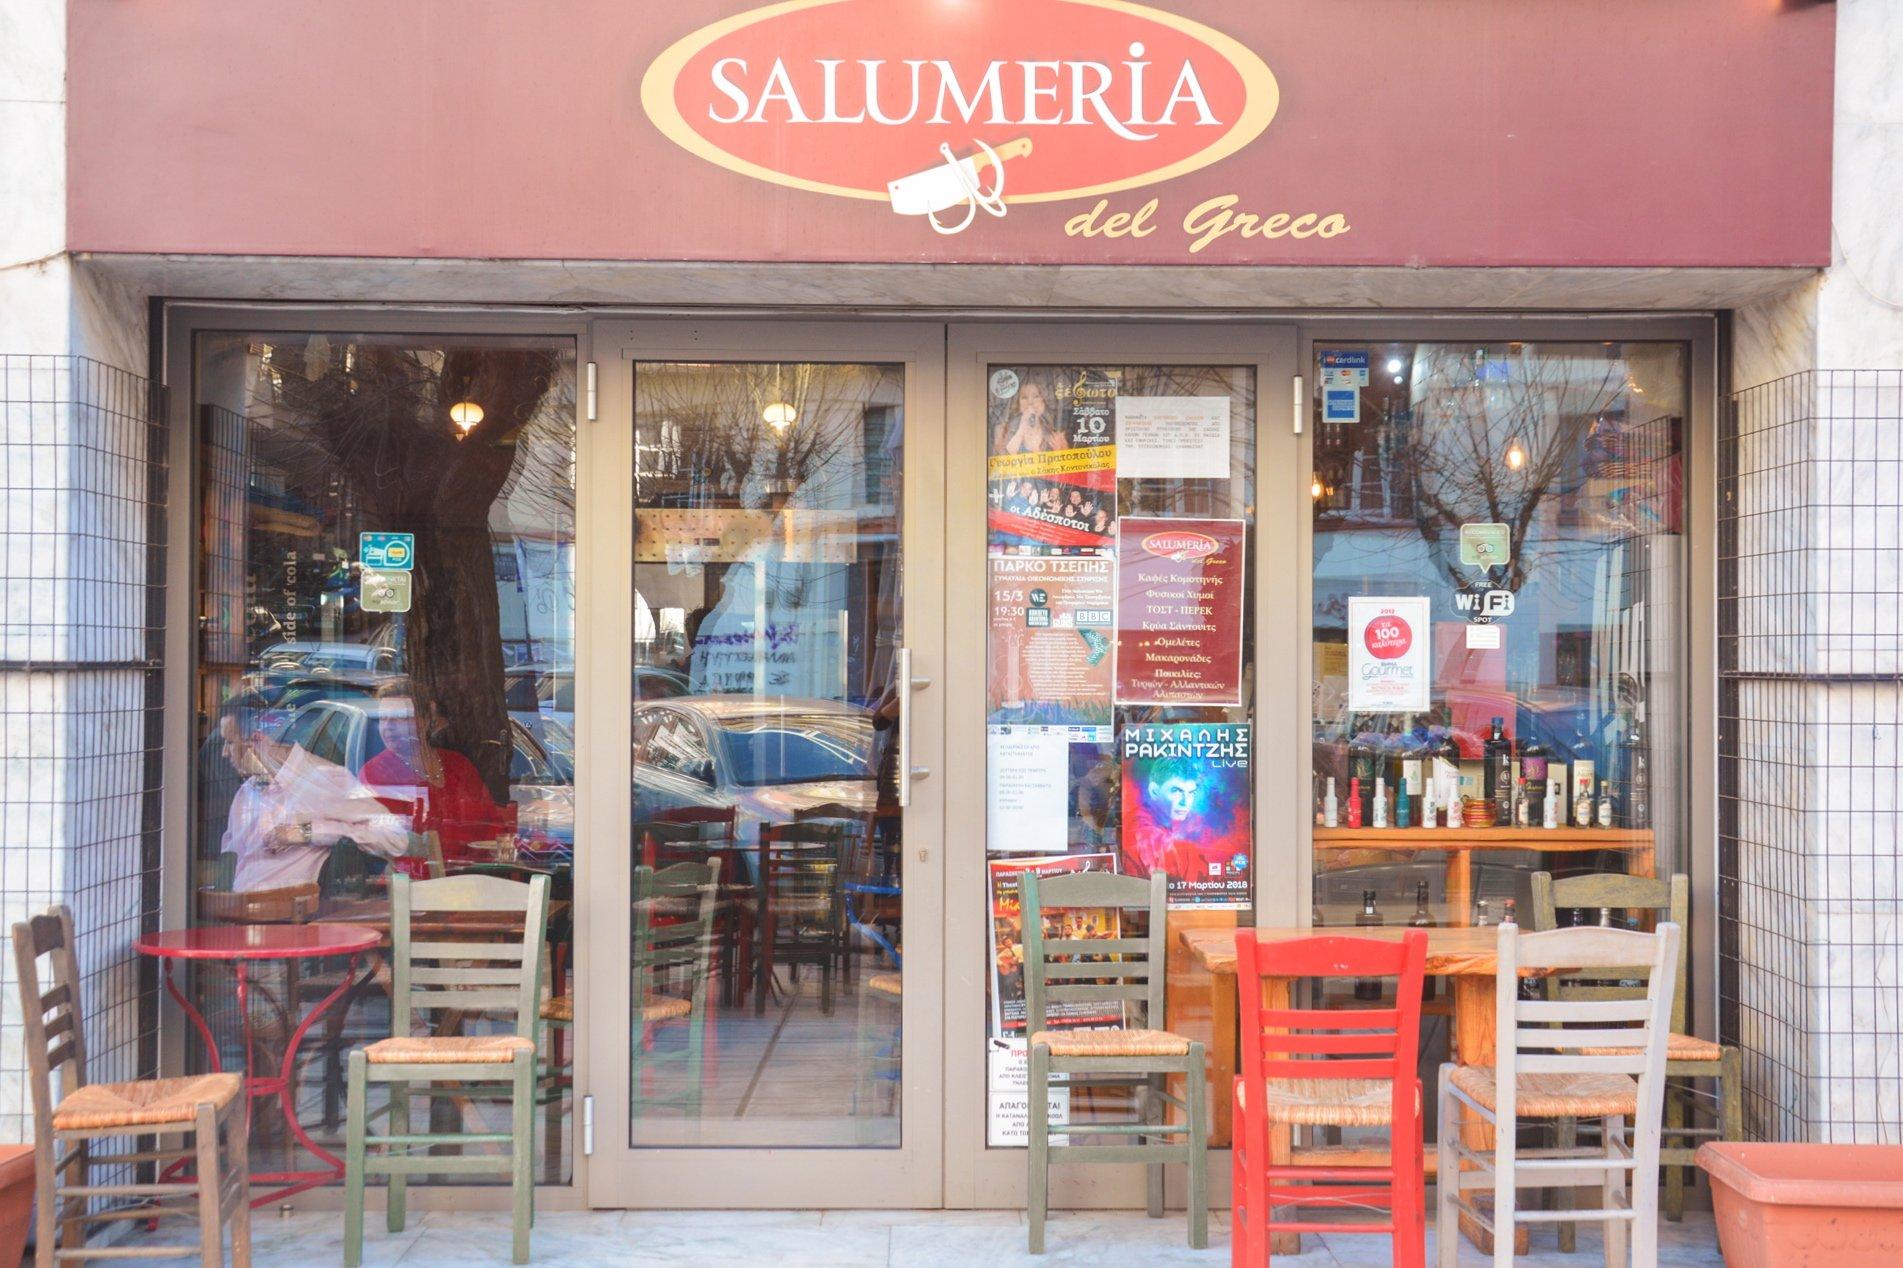 Salumeria tavern in Roman Agora Thessaloniki